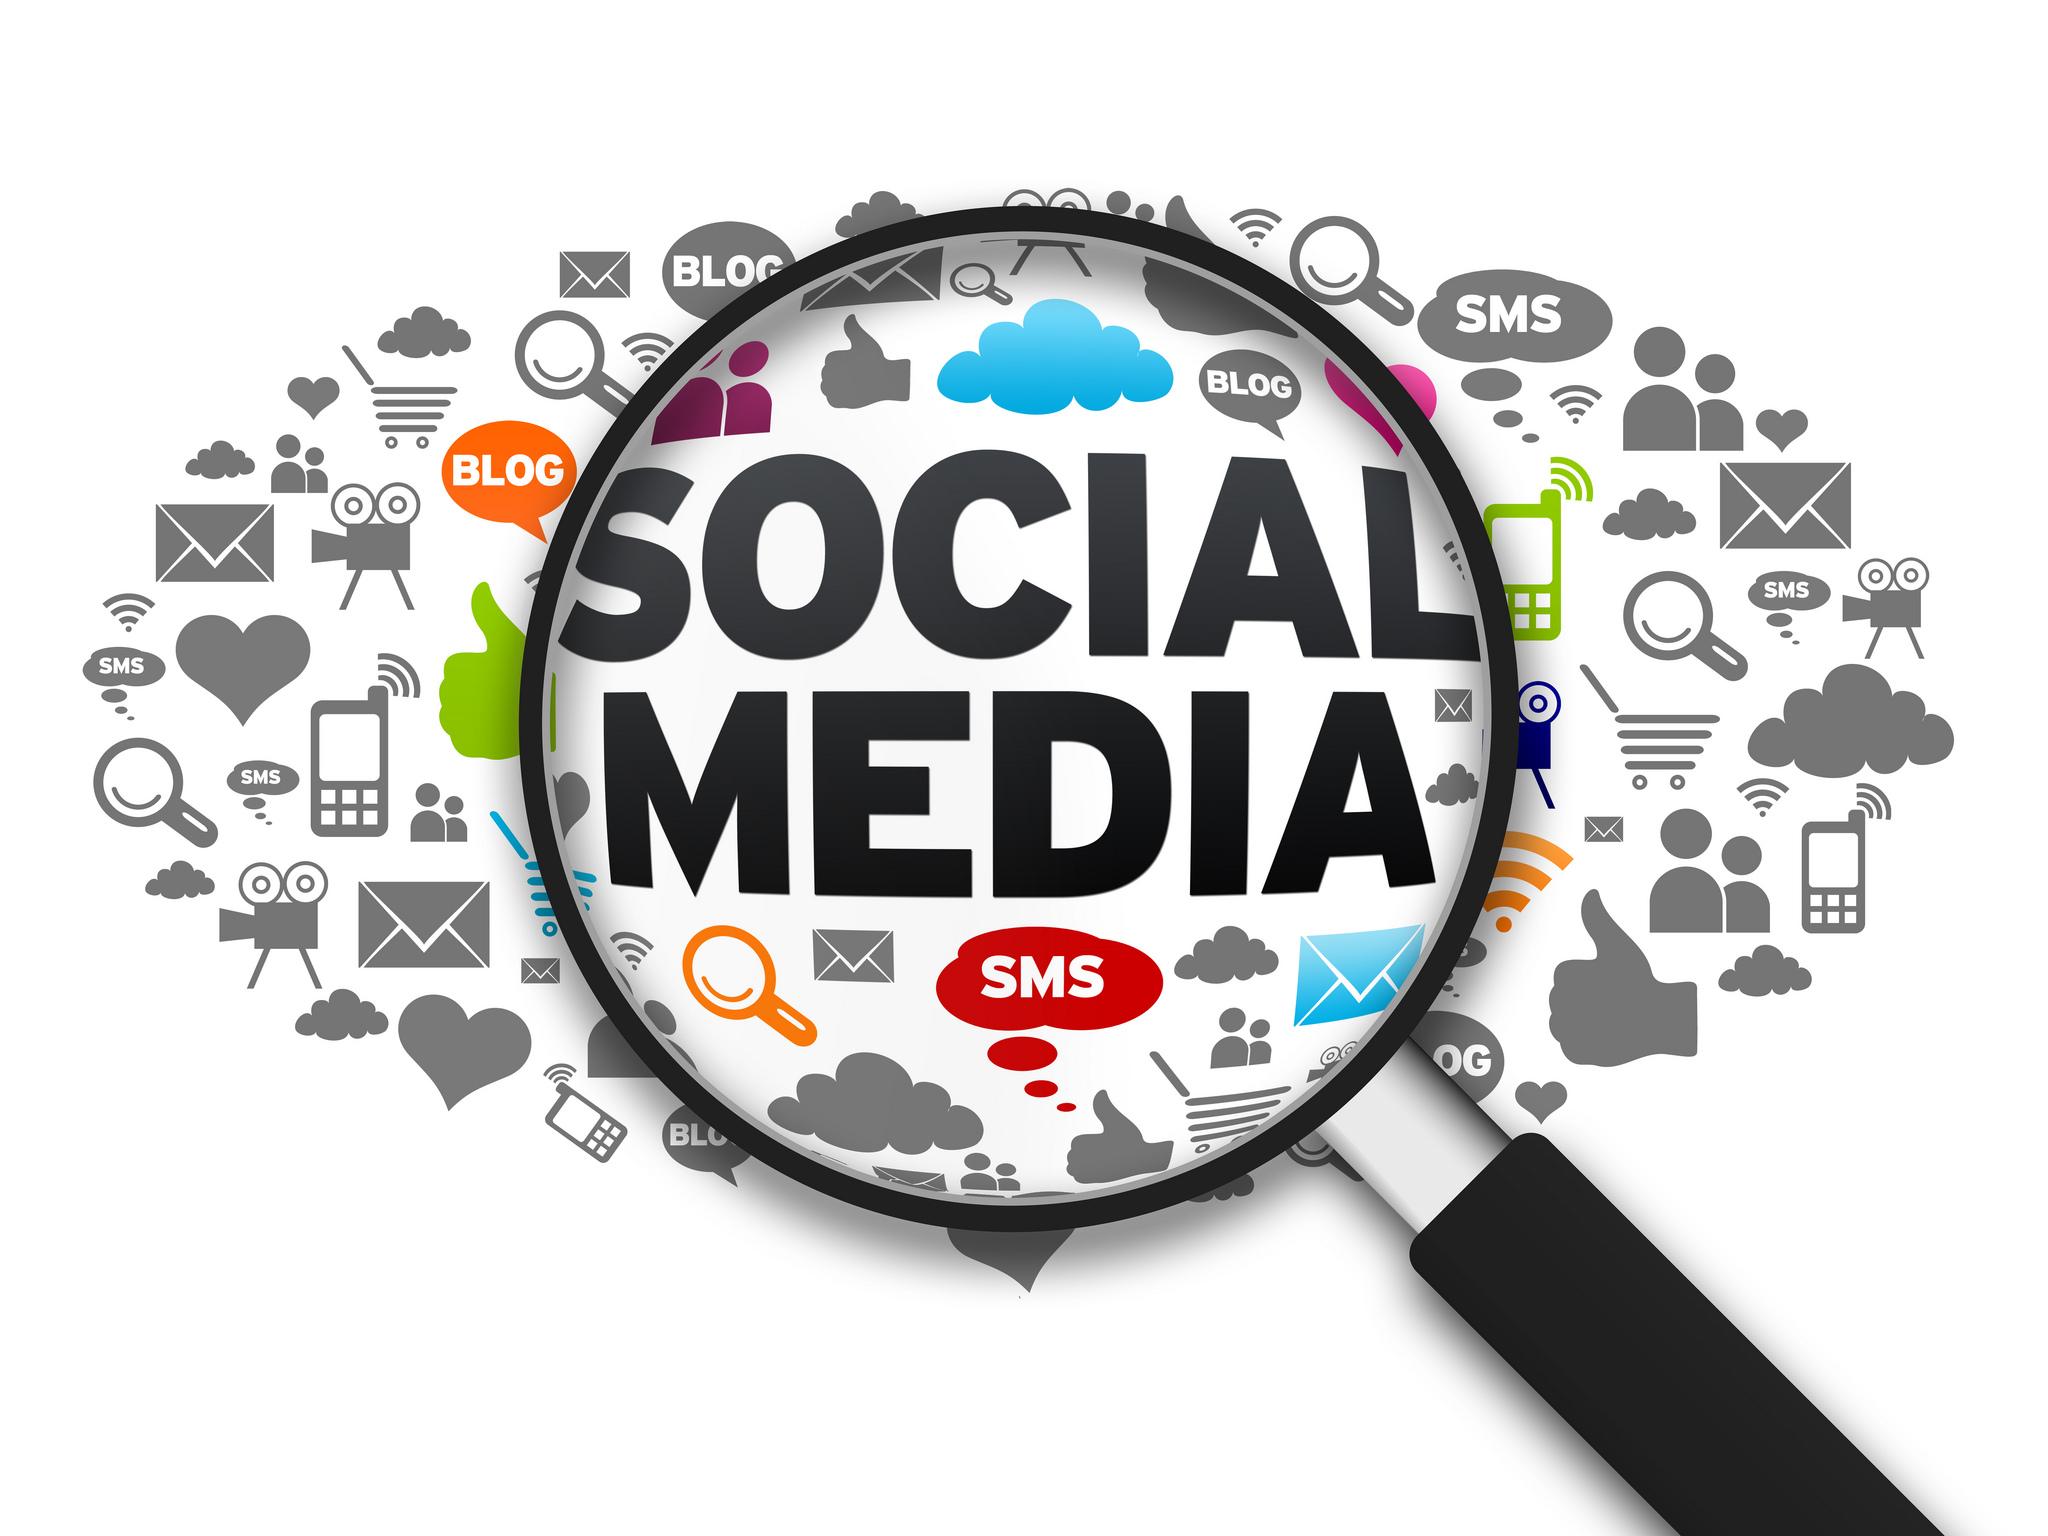 Xu hướng dịch vụ khách hàng - mạng xã hội